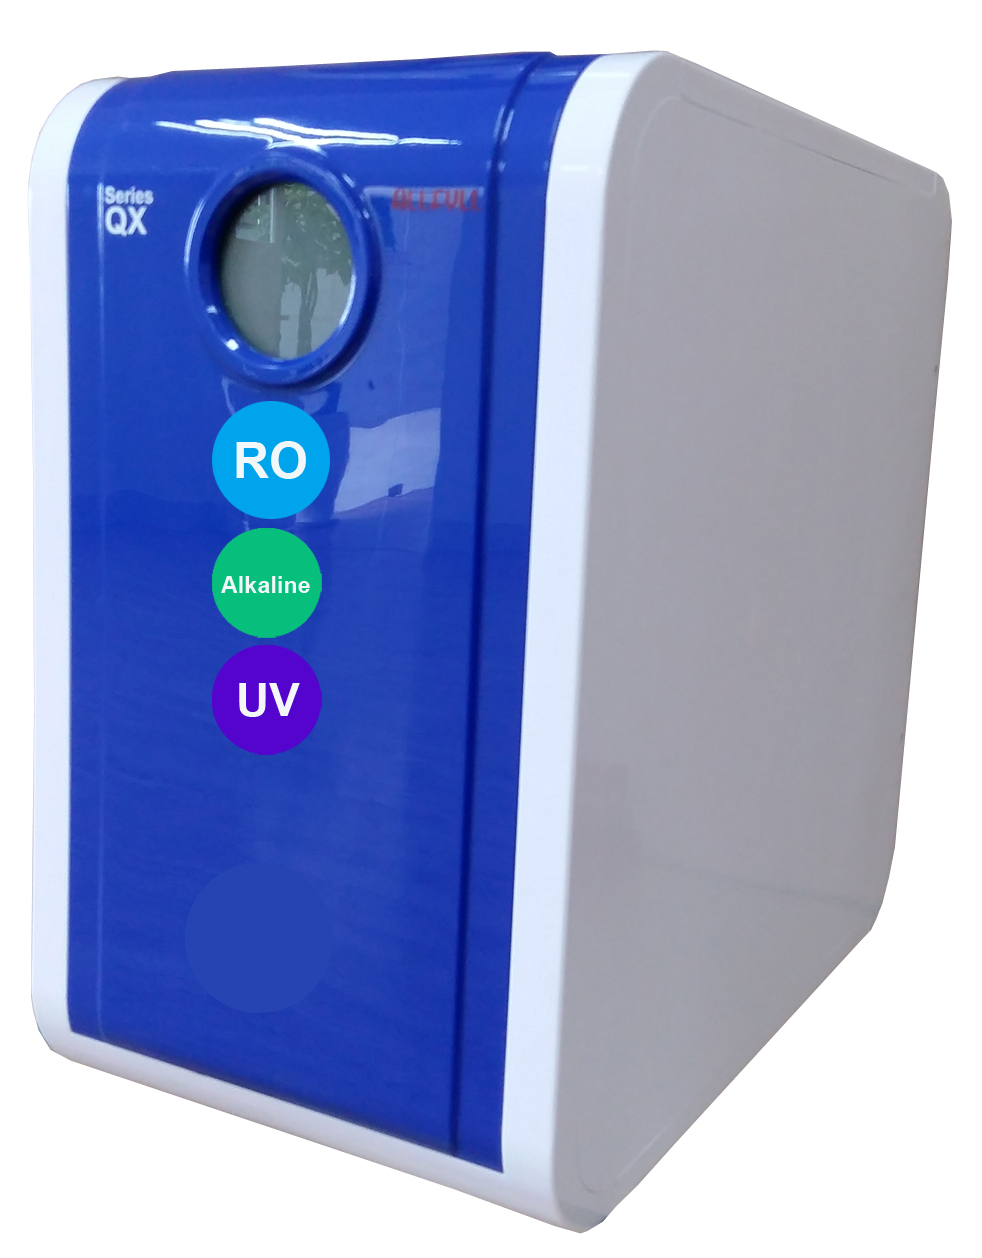 Máy lọc nước RO, Model QX